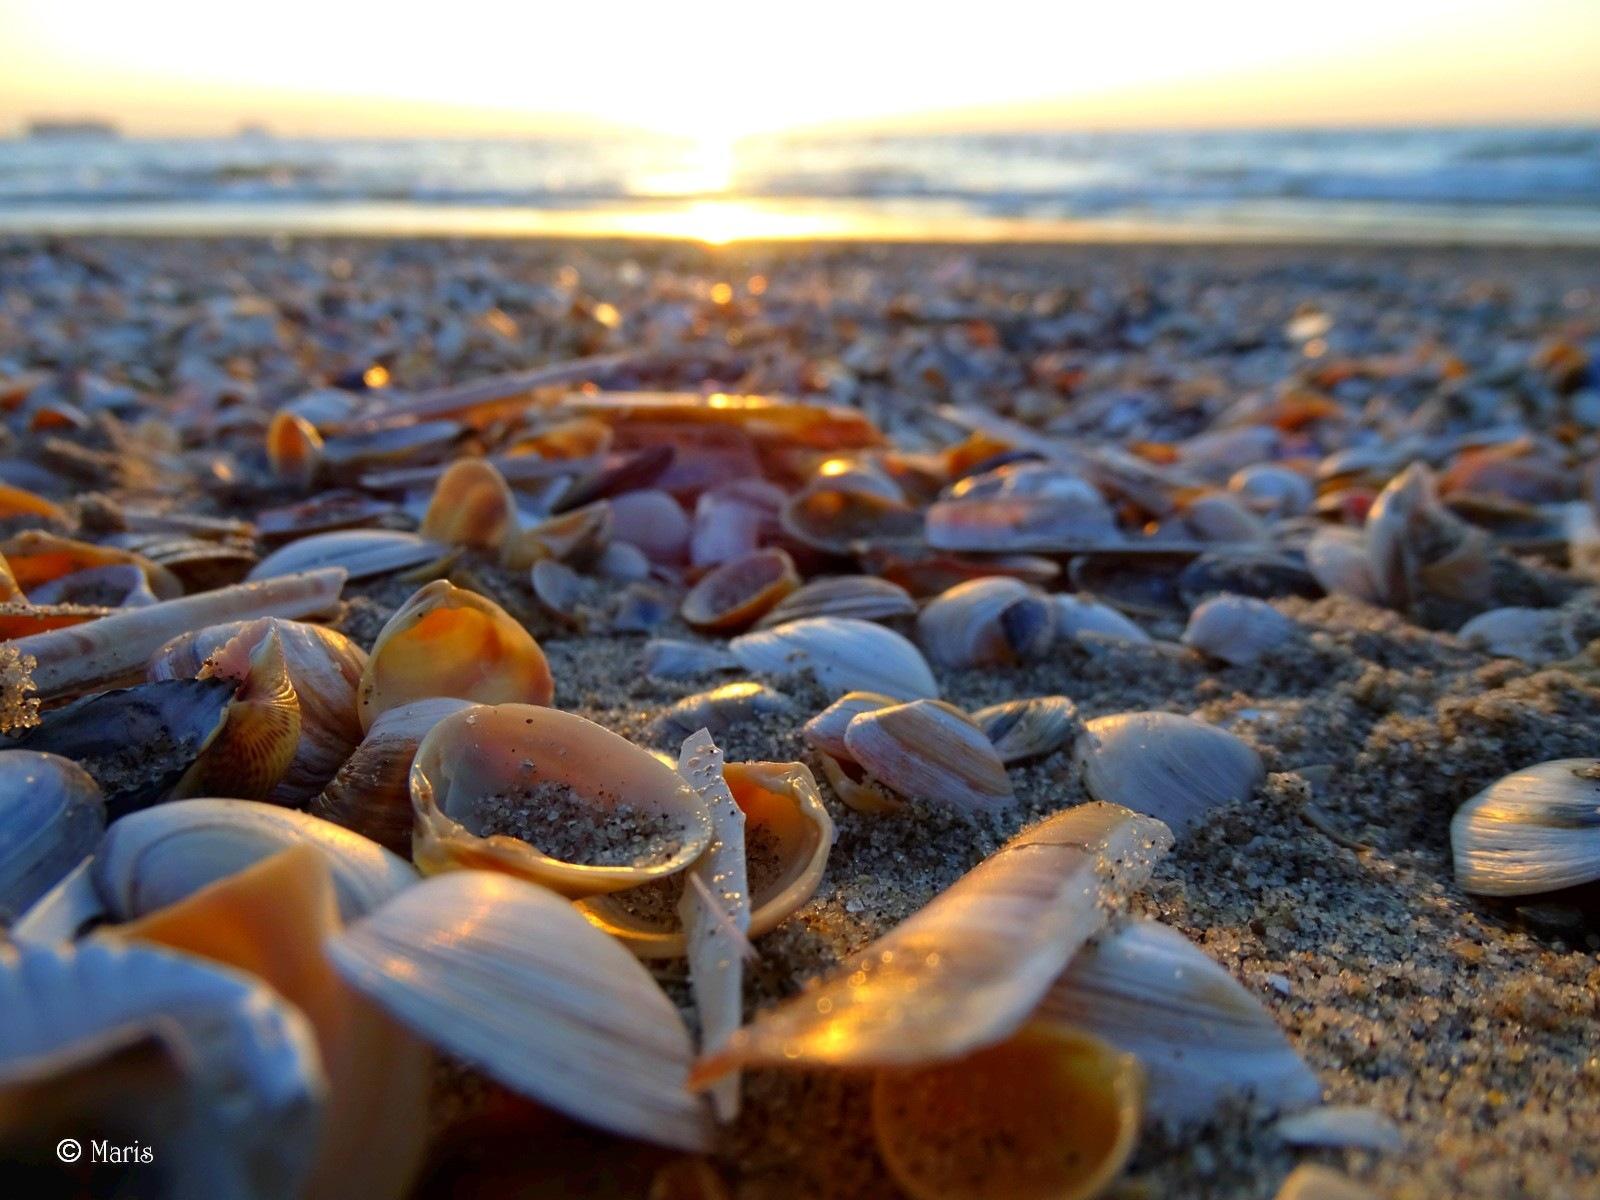 Shells by mariska.dejong